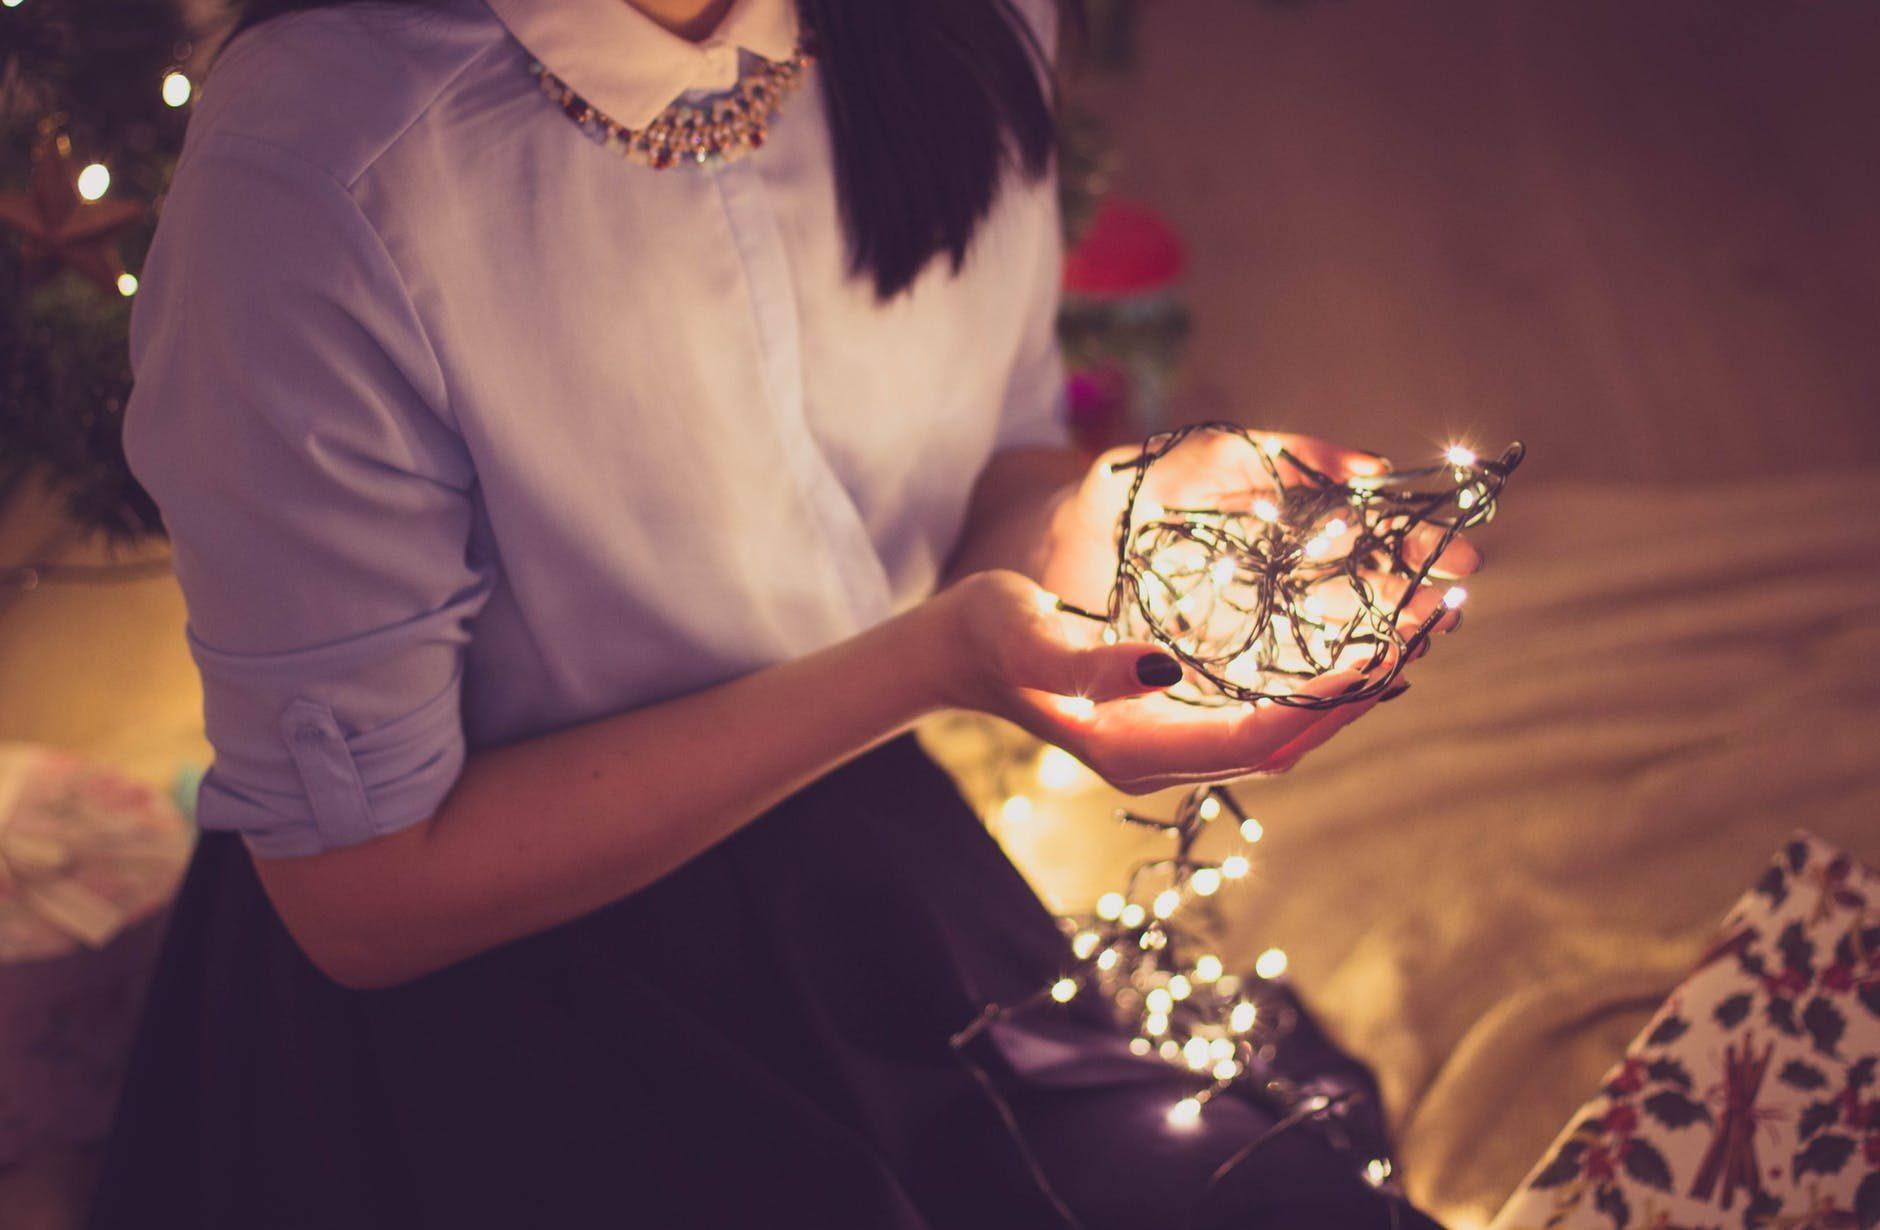 Luci natalizie: quanto costa decorare casa per le feste